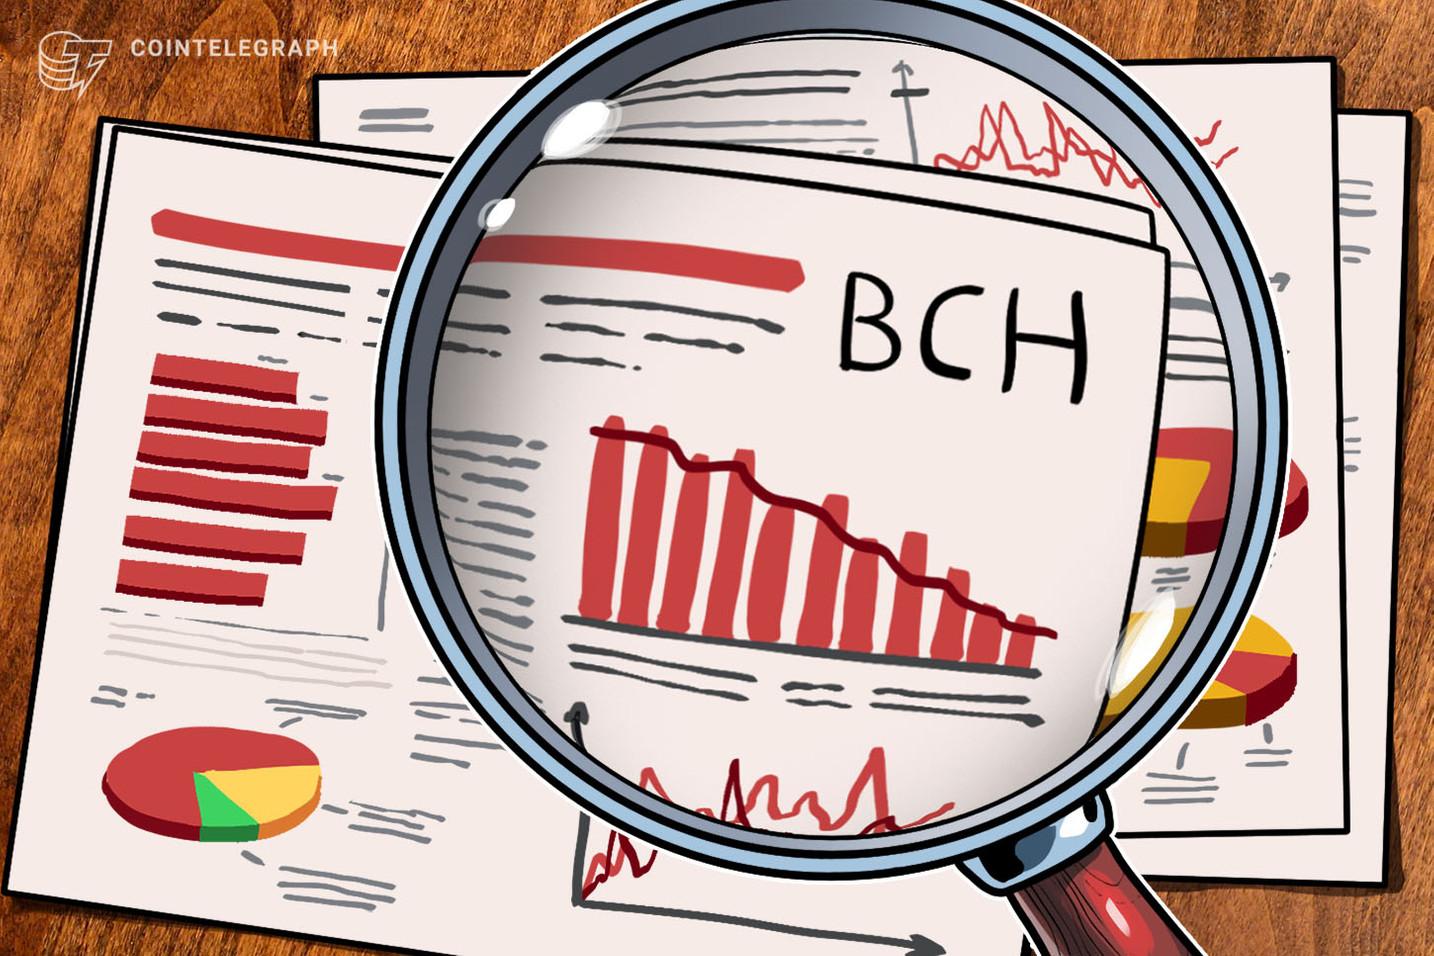 Ripresa generale dei mercati, il prezzo di ETH supera per la prima volta quello di BCH